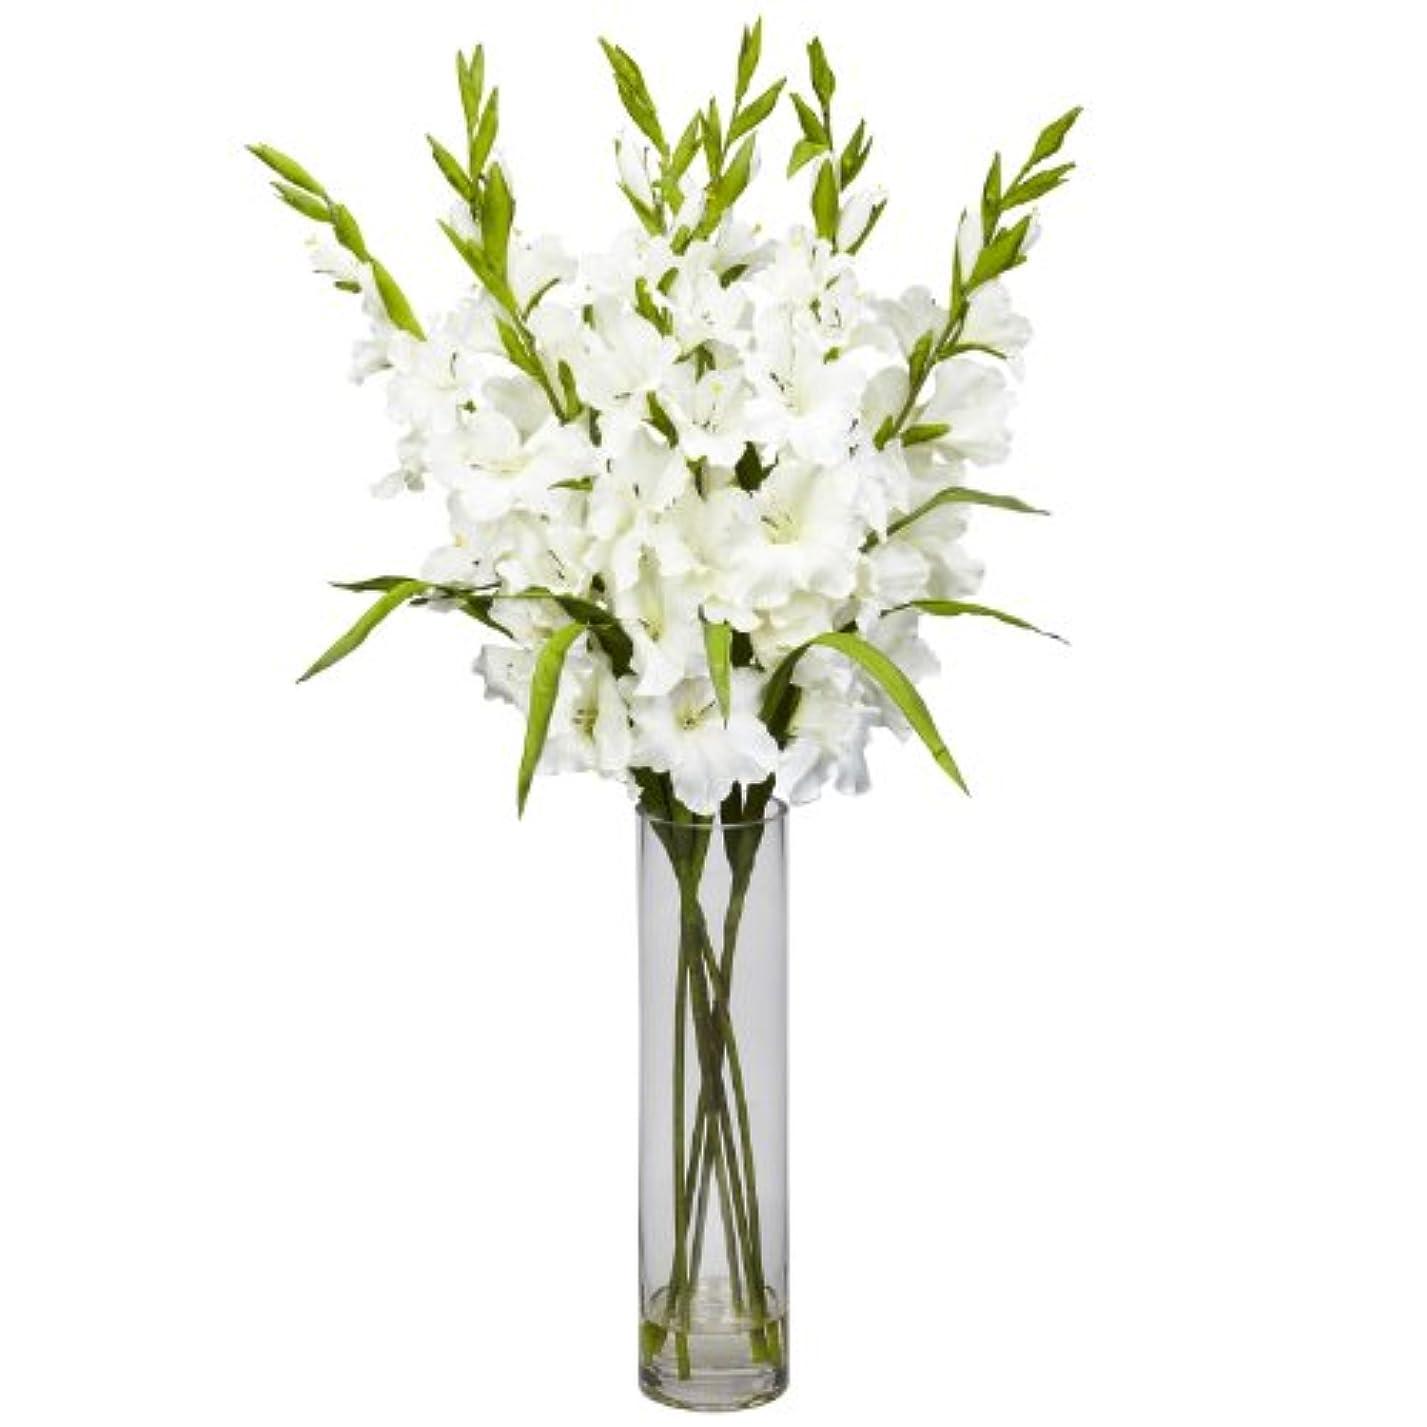 相談する組み合わせ優遇卸売大きなGladiola W /円柱花瓶シルクArrangement、[装飾、シルク花]